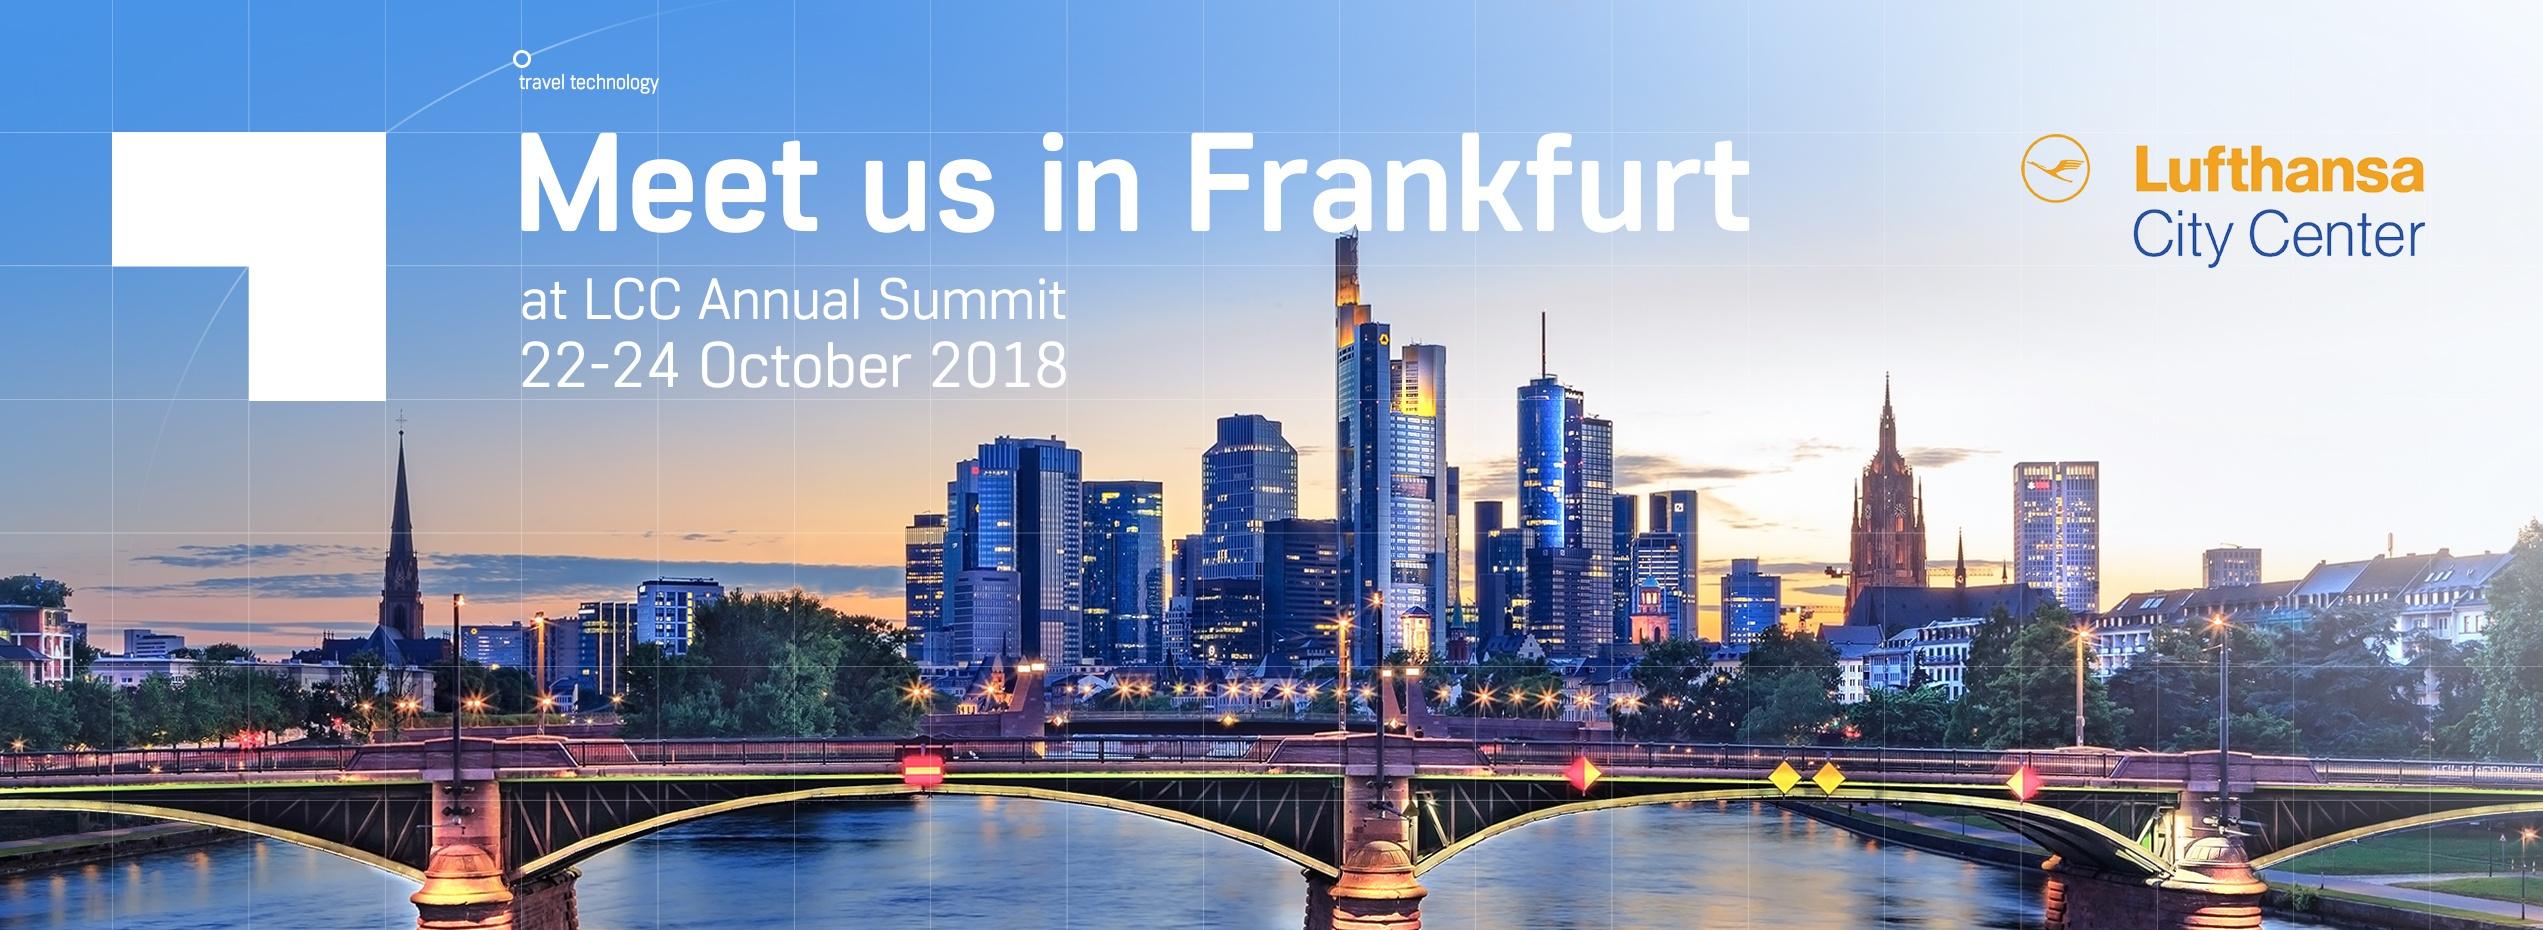 LCC-Annual-Summit-Frankfurt